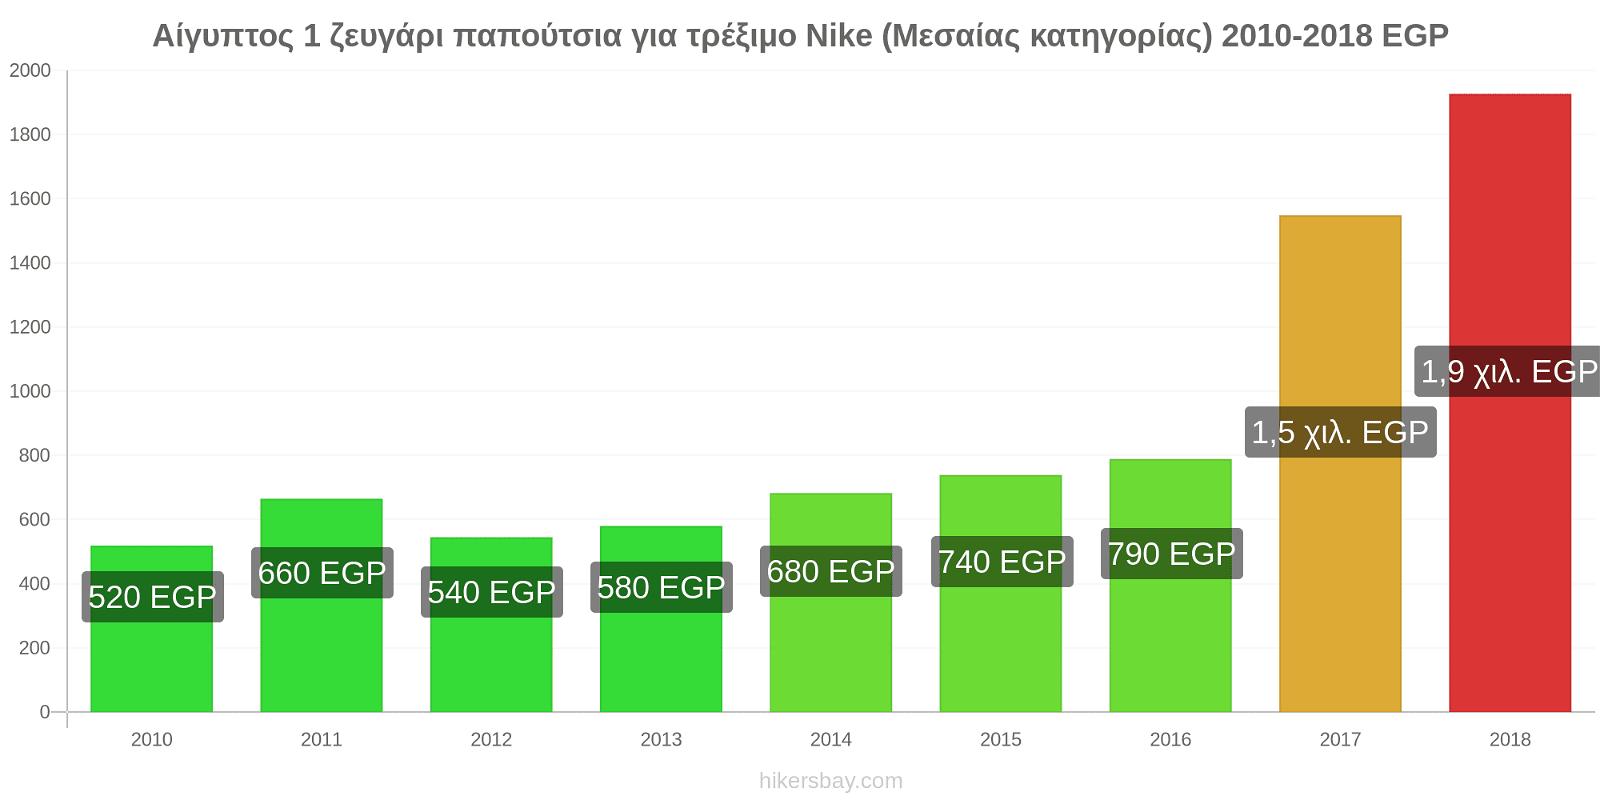 Αίγυπτος αλλαγές τιμών 1 ζευγάρι παπούτσια για τρέξιμο Nike (Μεσαίας κατηγορίας) hikersbay.com